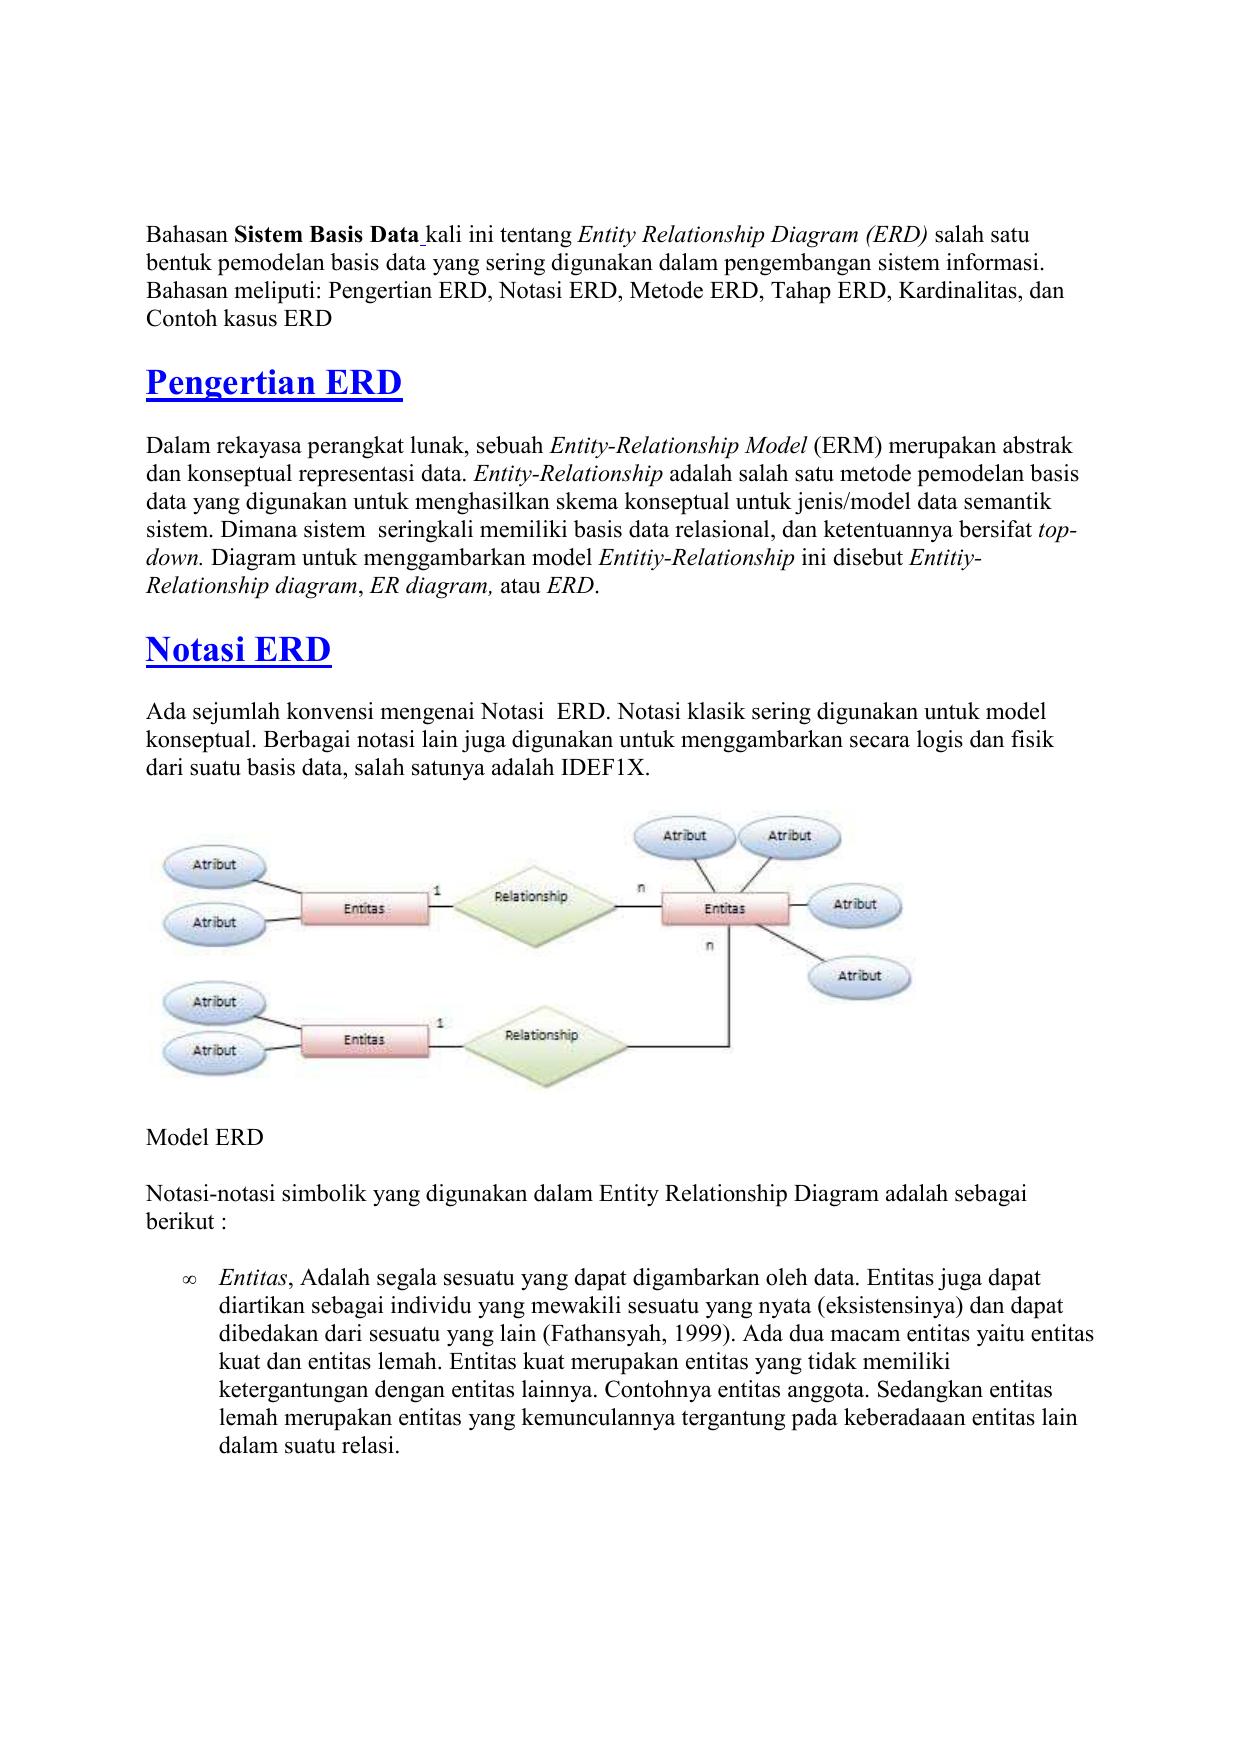 Entity Relationship Diagram for Simbol Er Diagram Yang Berbentuk Elips